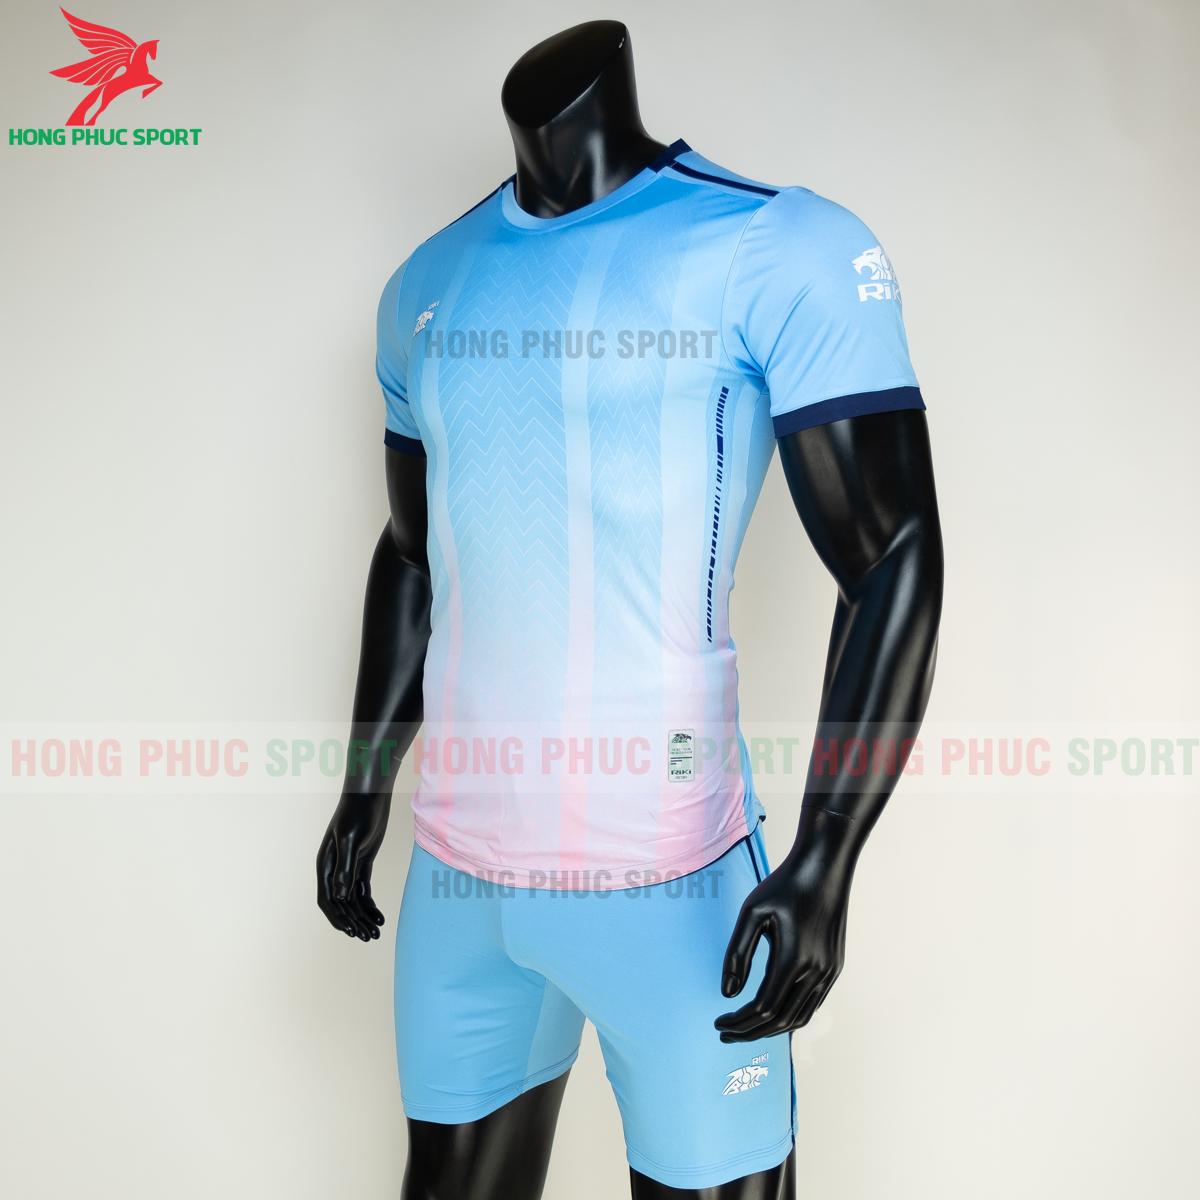 Áo đá banh không logo RIKI FURIOR 2021 màu Xanh da (trái)